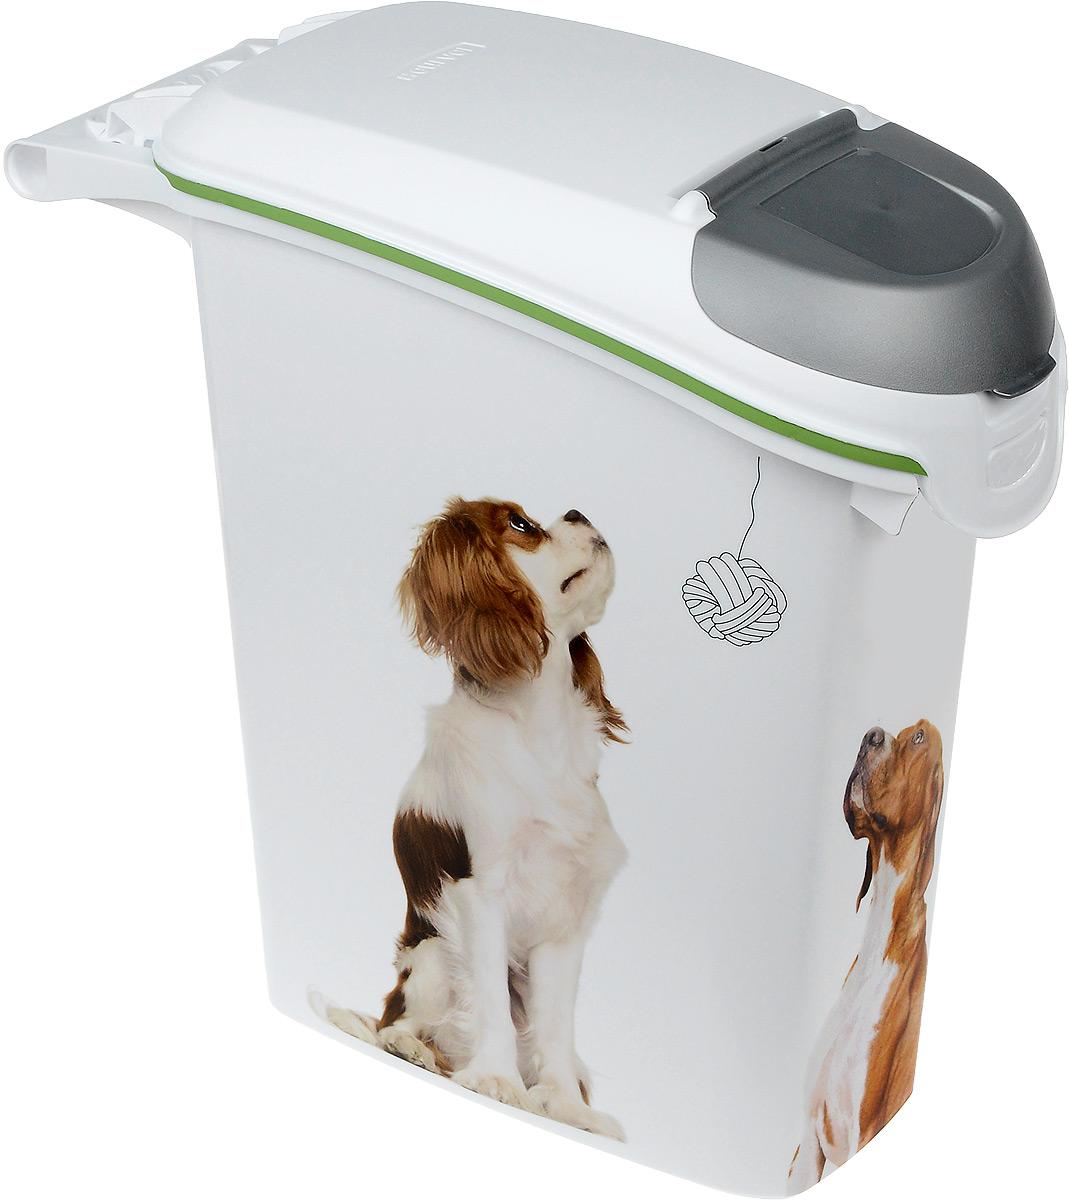 Контейнер Curver Pet Life. Лабрадор для хранения сухого корма, 23 л туалет для кошек curver pet life закрытый цвет кремово коричневый 51 х 39 х 40 см